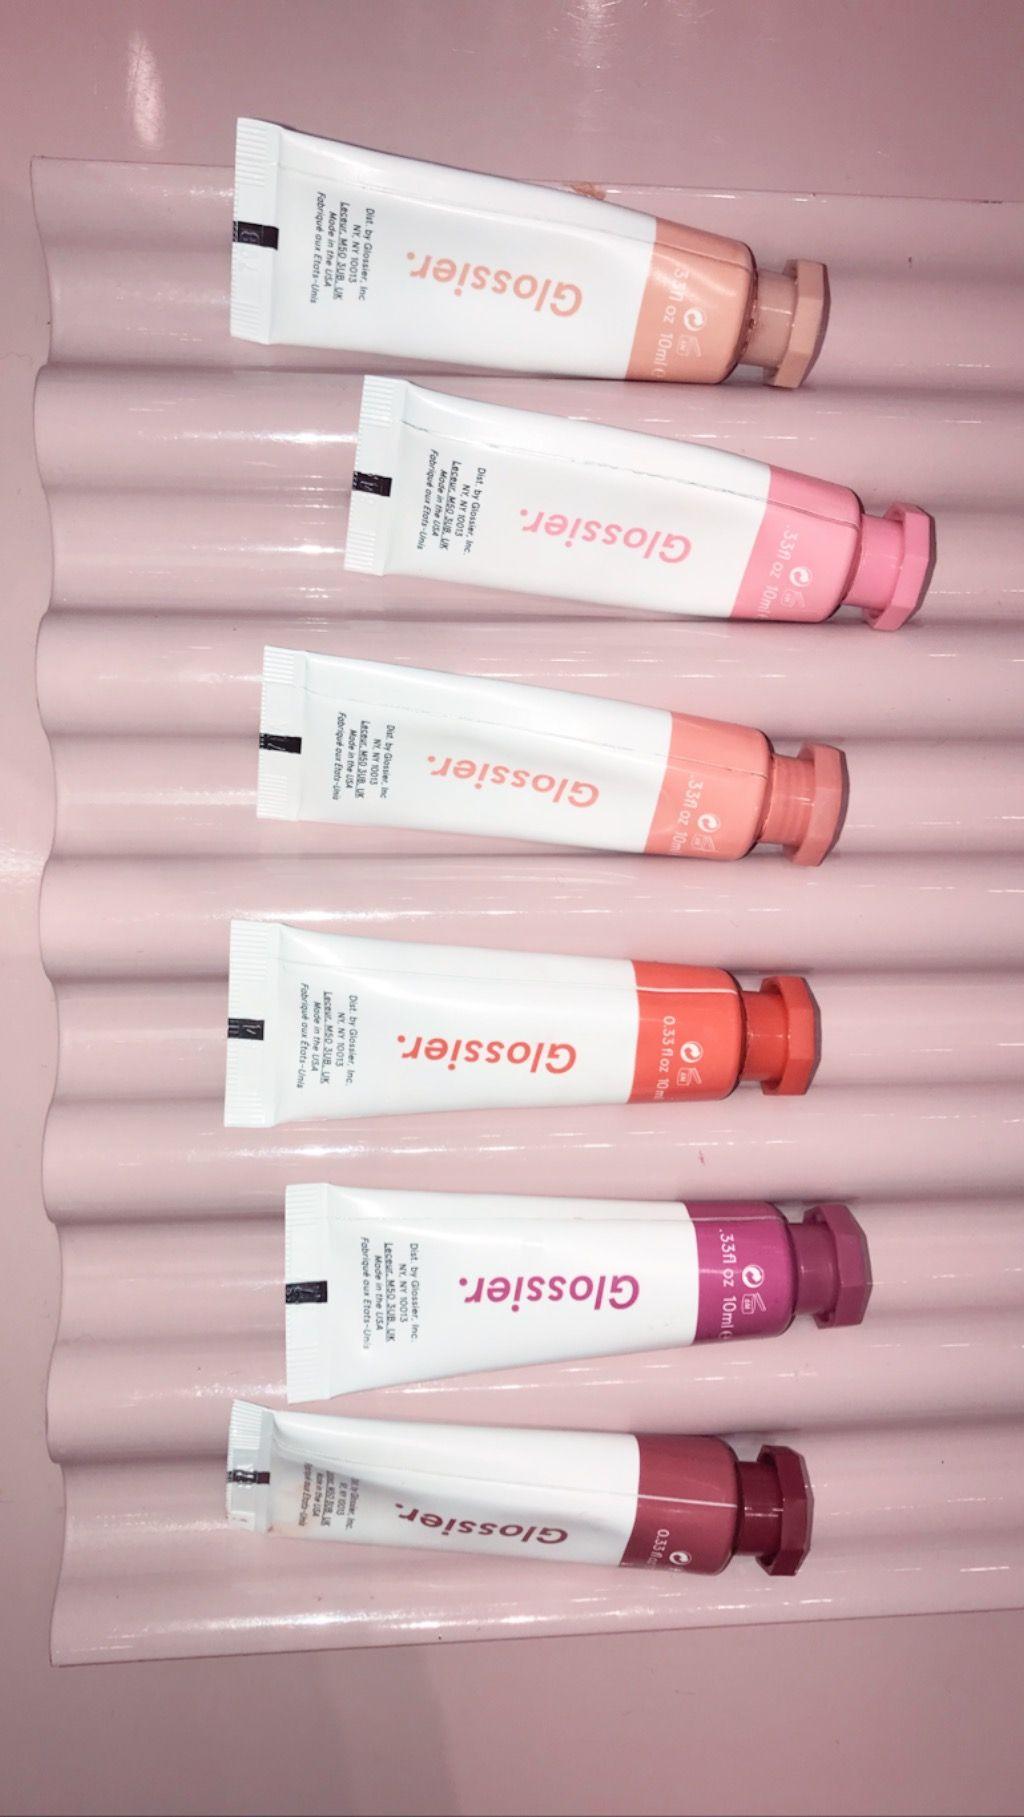 glossier cloud paint blush aesthetic soft pink ombré